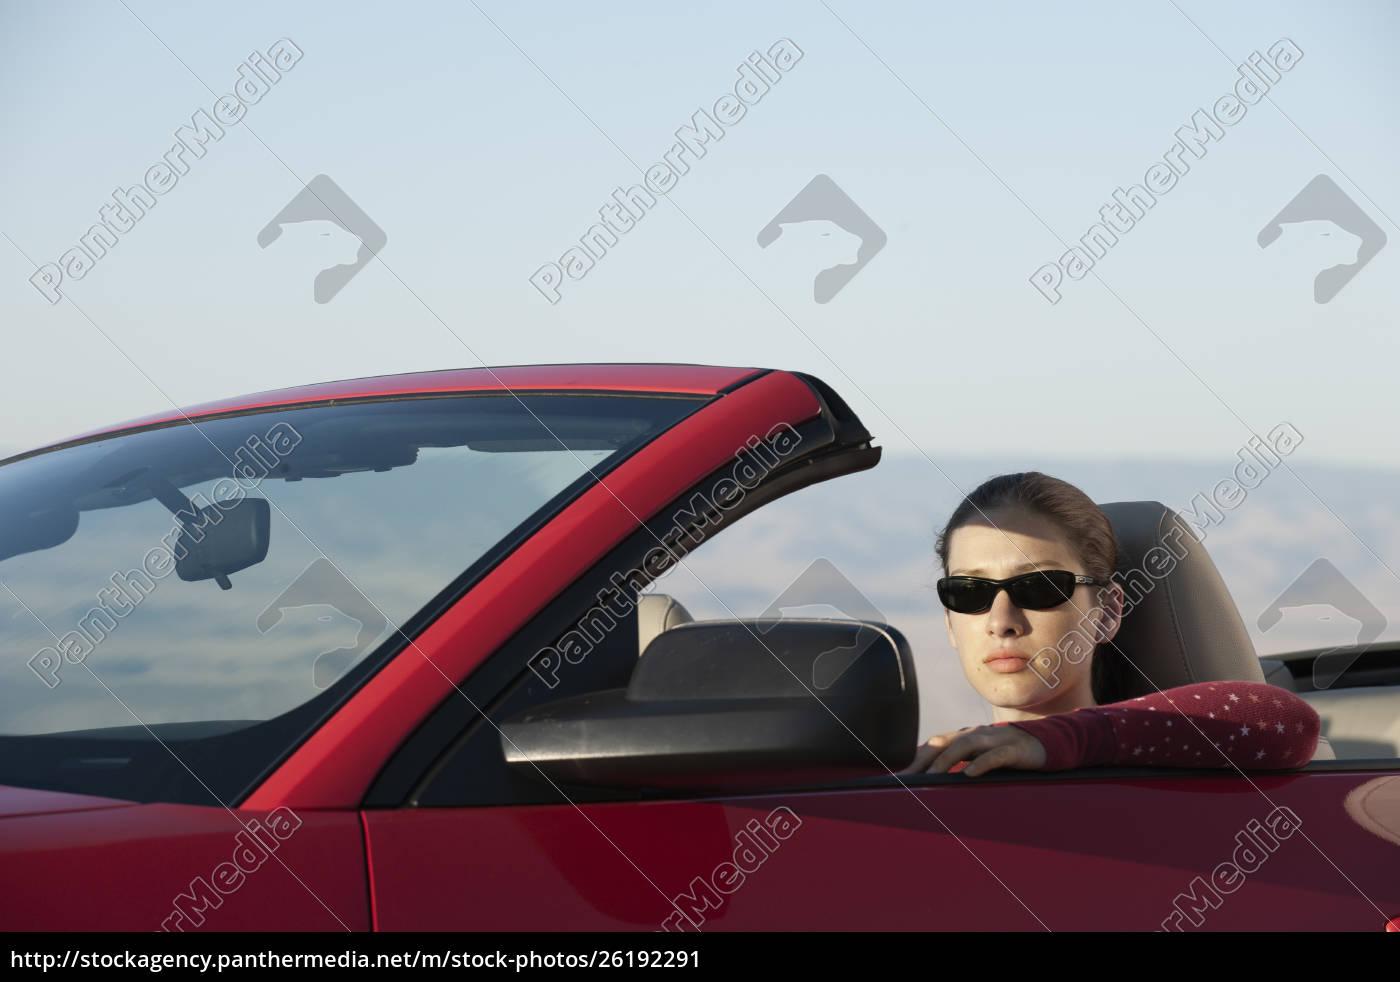 eine, junge, kaukasierin, in, einem, cabrio-sportwagen. - 26192291